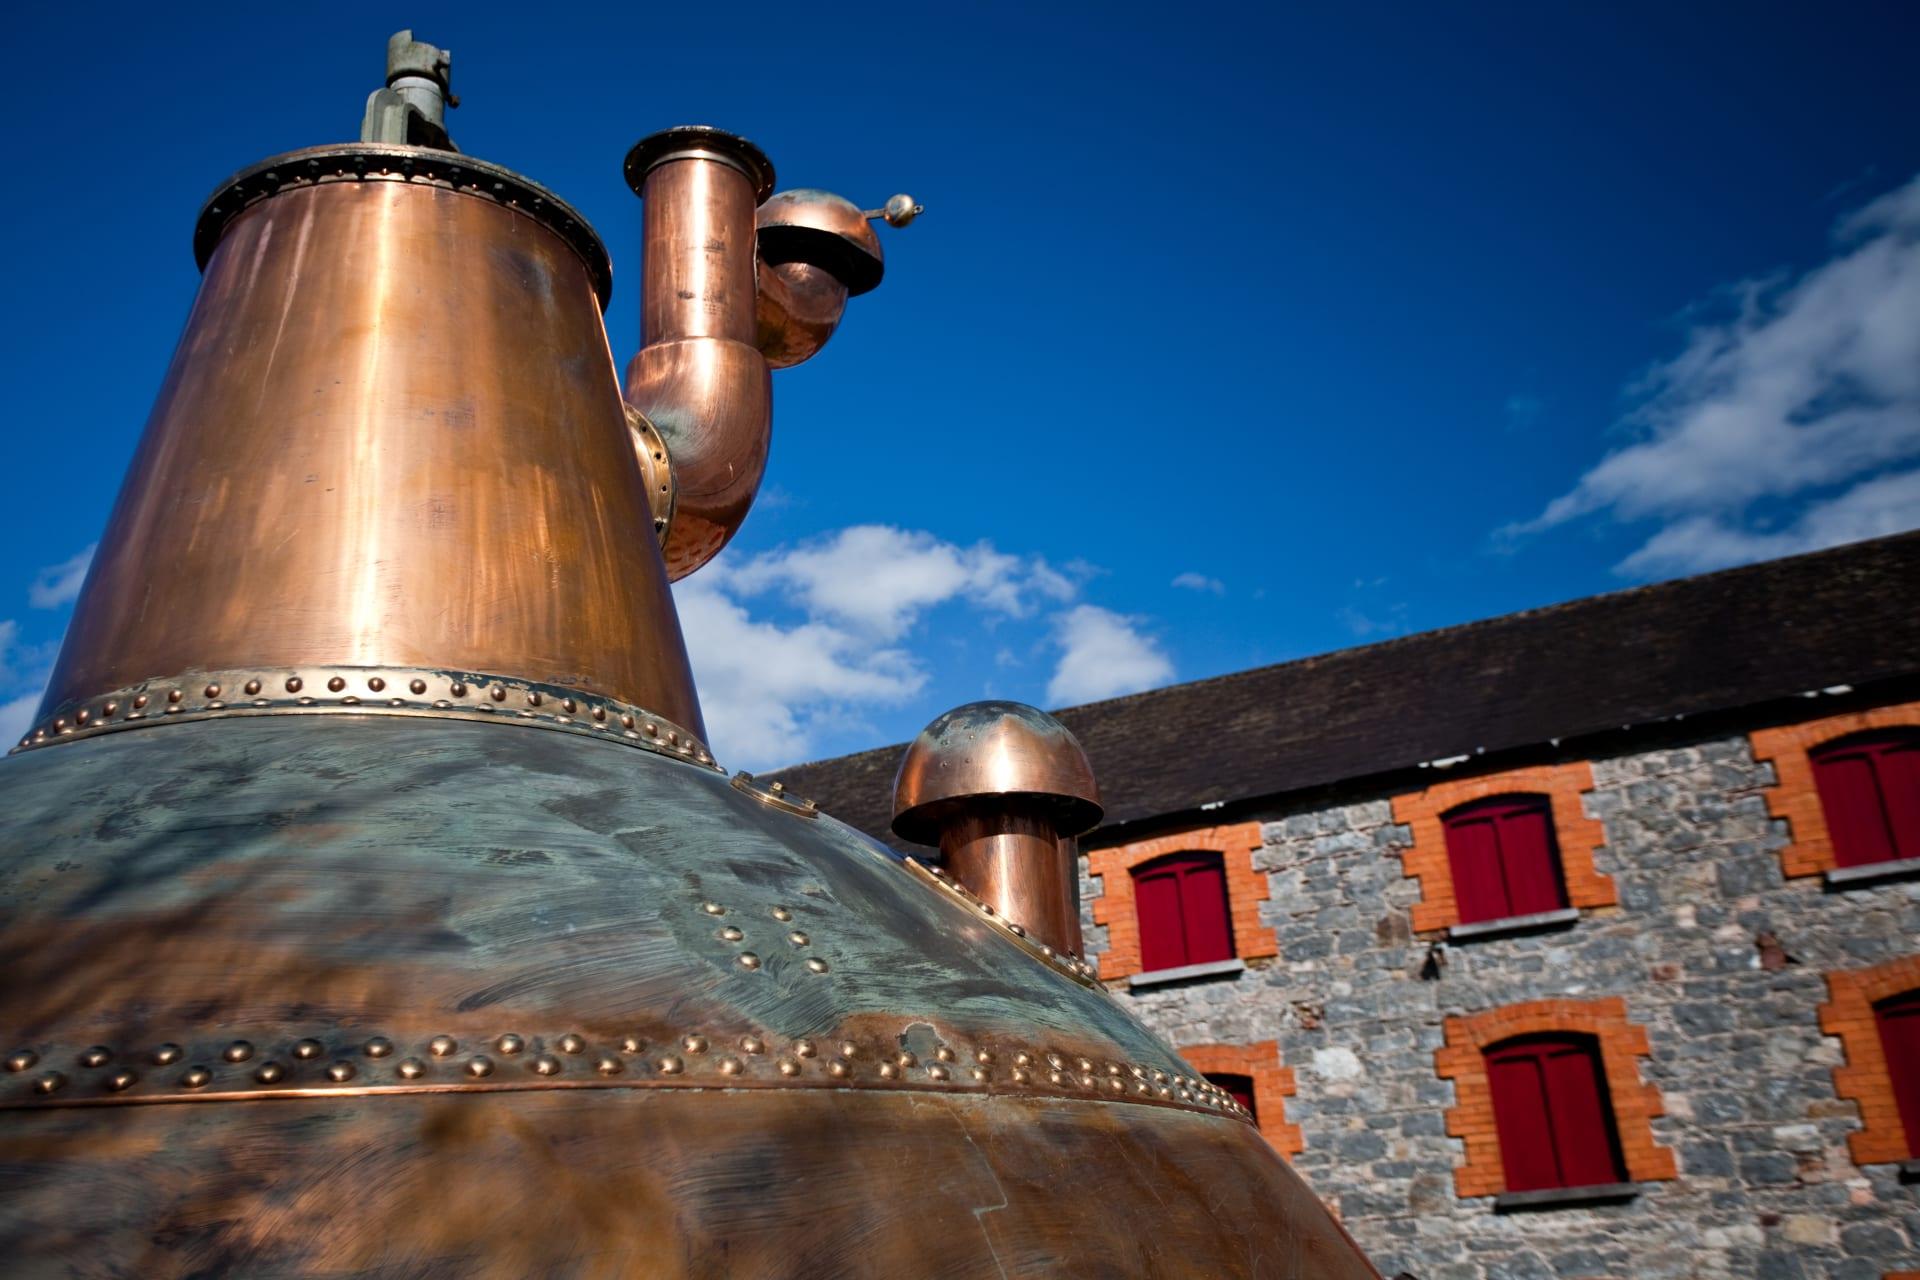 Dublin - Taste of Guinness and Whiskey - The Liberties